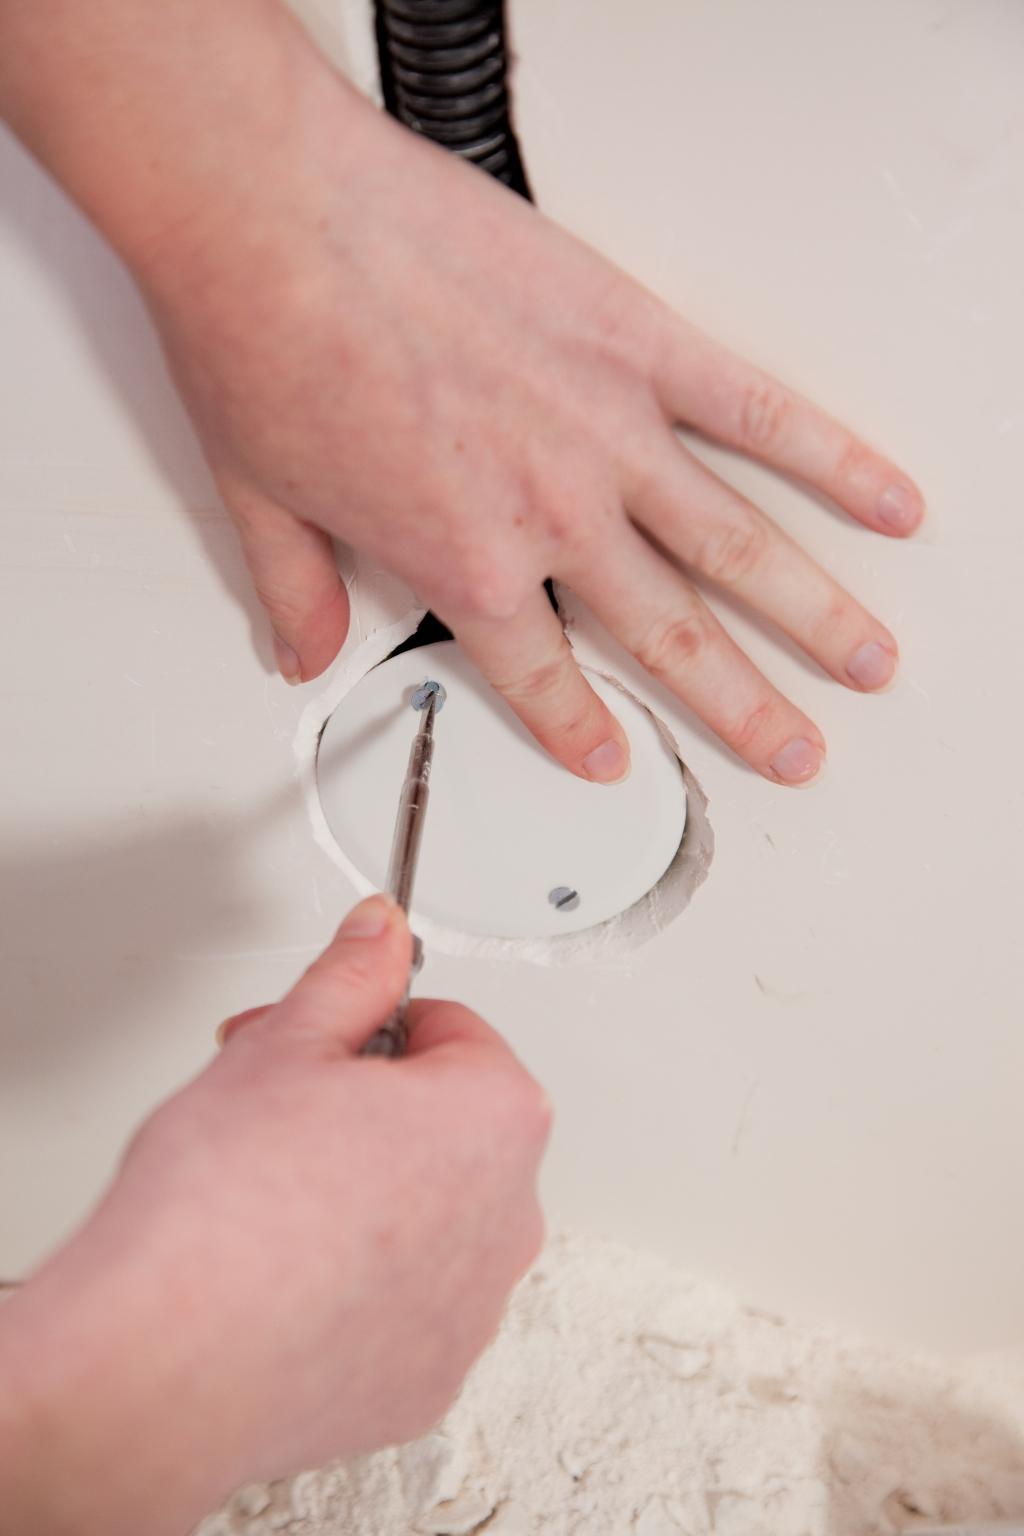 Installer un interrupteur encastré - Étape 19